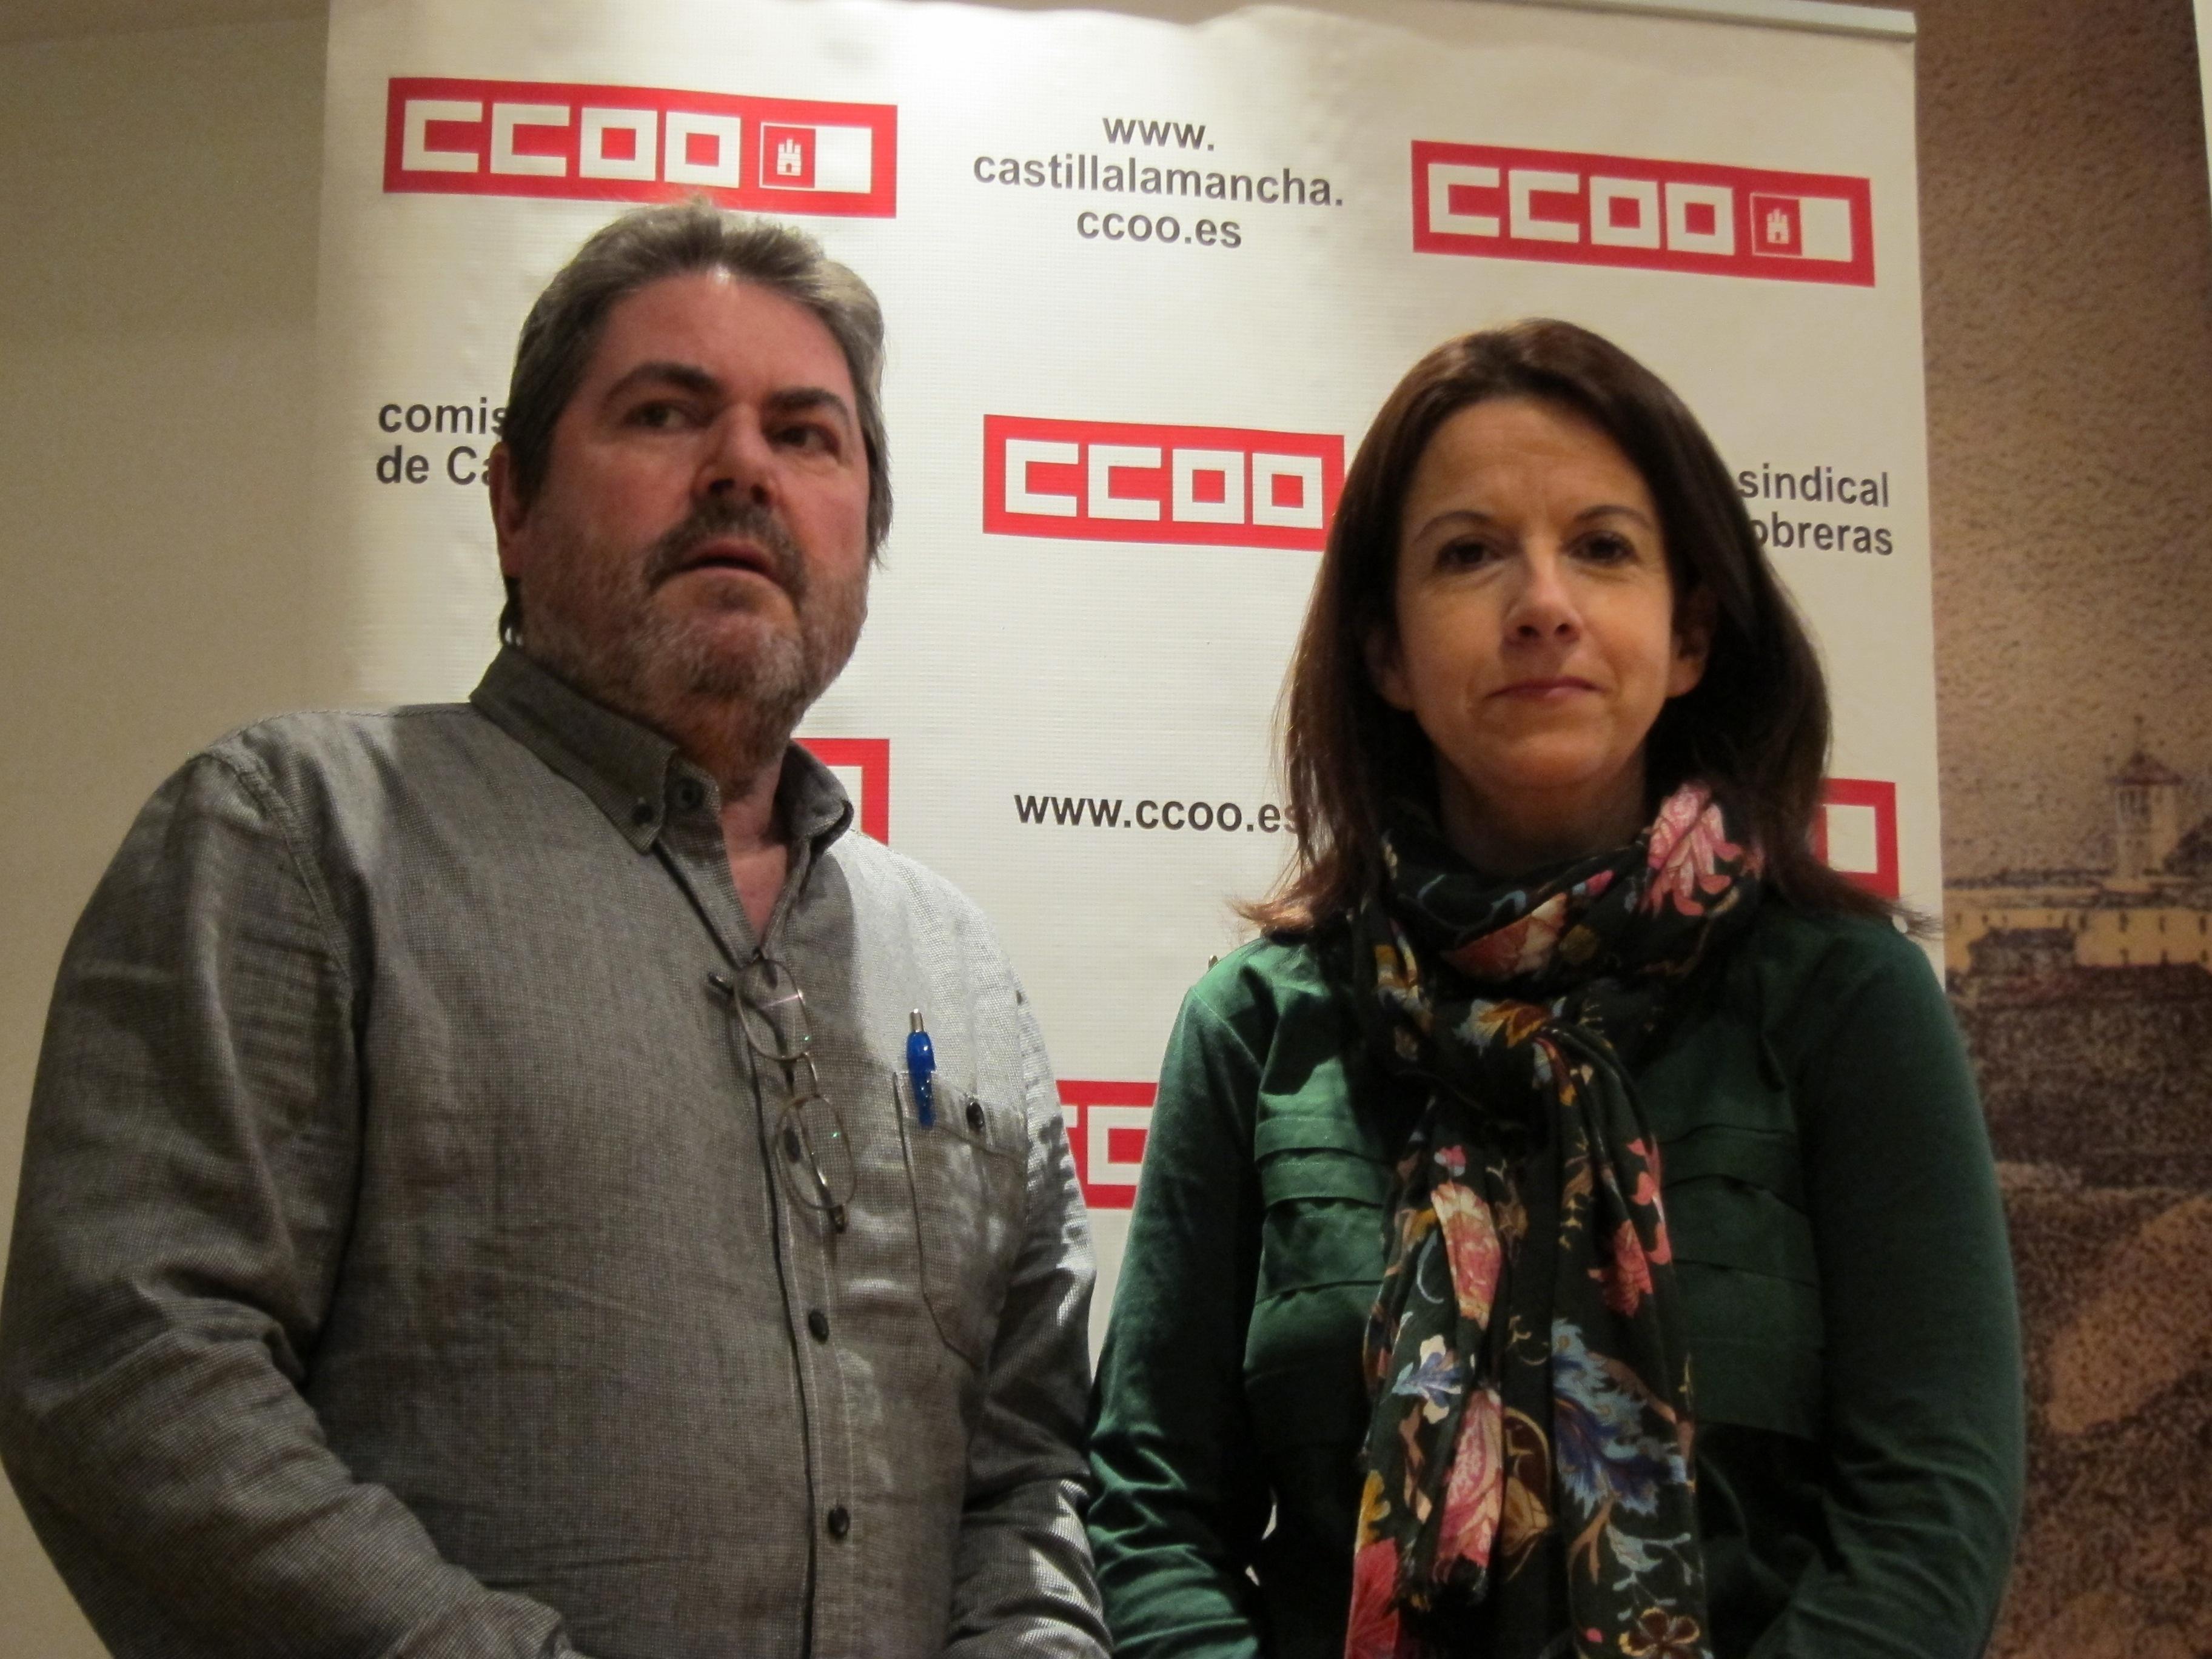 CMancha-CCOO asegura que las bajas por enfermedad están «maquilladas» porque los trabajadores acuden a trabajar enfermos